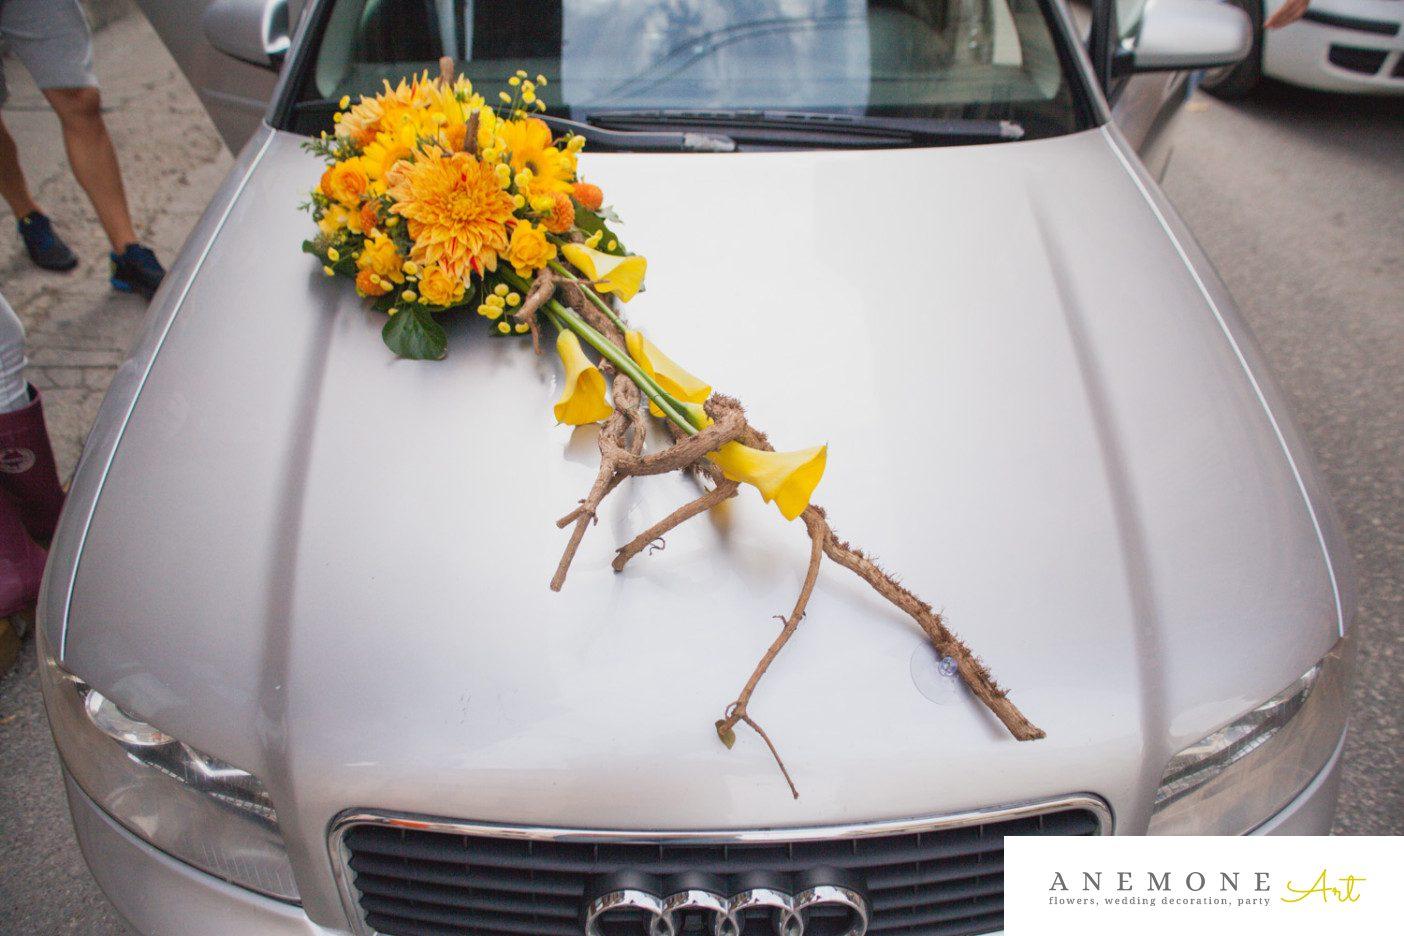 Poza, foto cu Flori de nunta calla, decor masina in Arad, Timisoara, Oradea (wedding flowers, bouquets) nunta Arad, Timisoara, Oradea